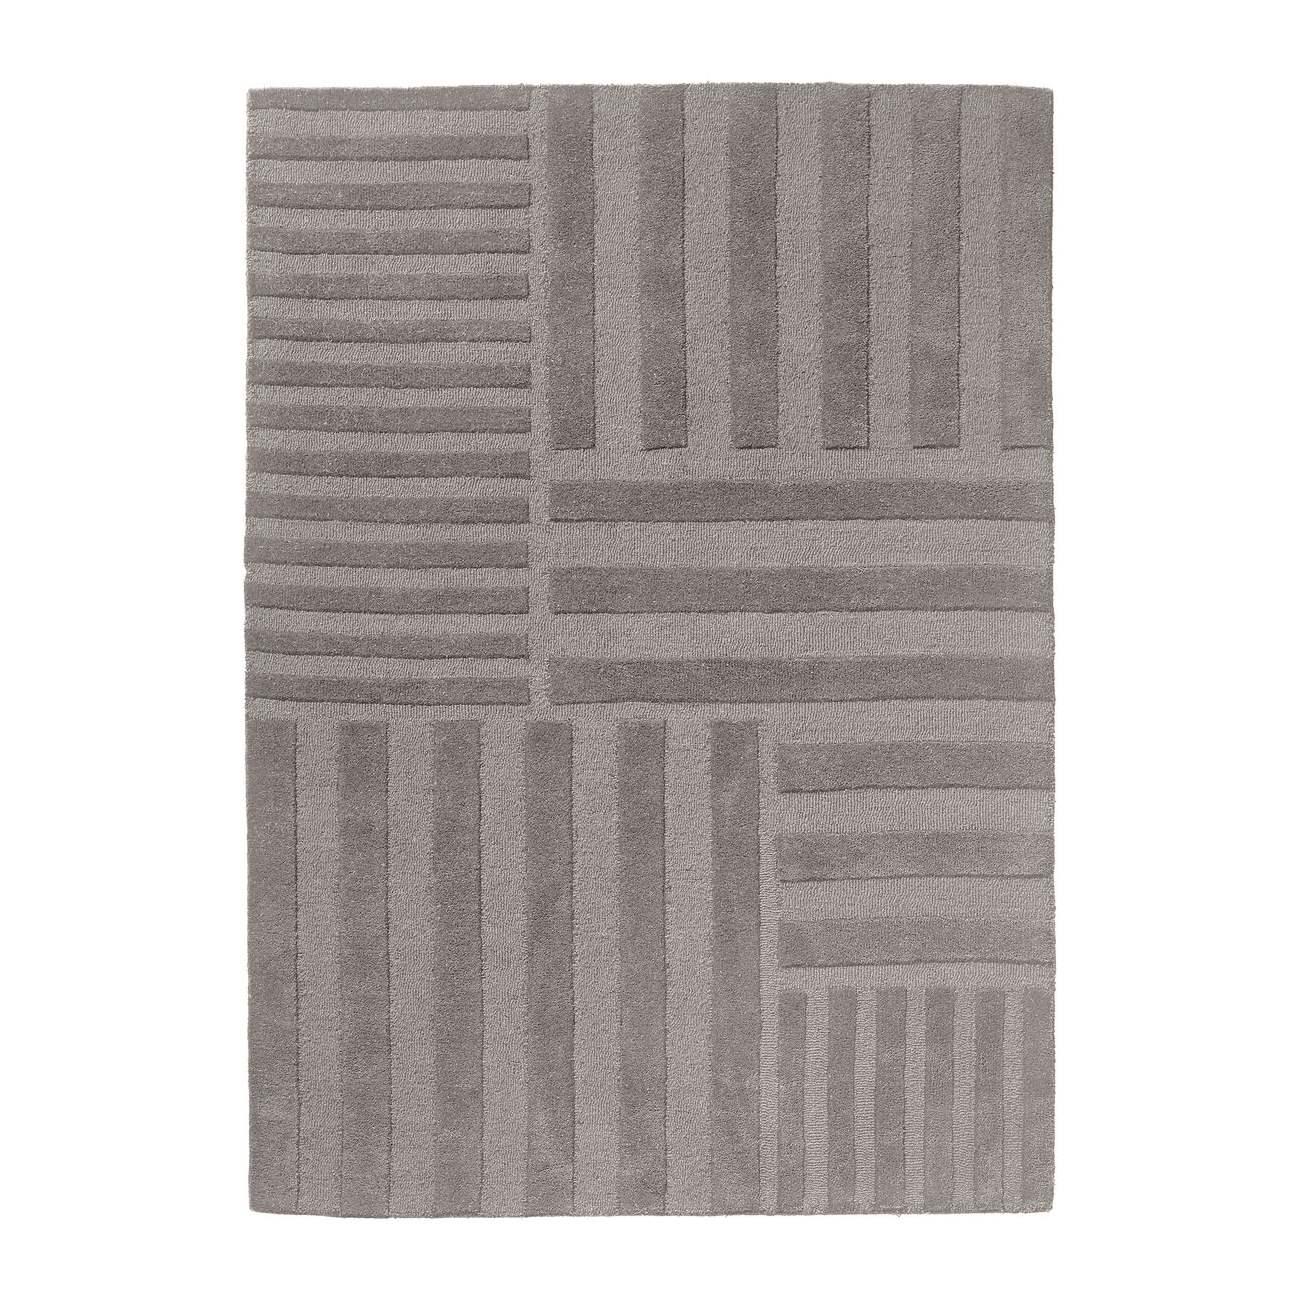 Ullmatta CONTRA 140 x 200 cm grå, AYTM